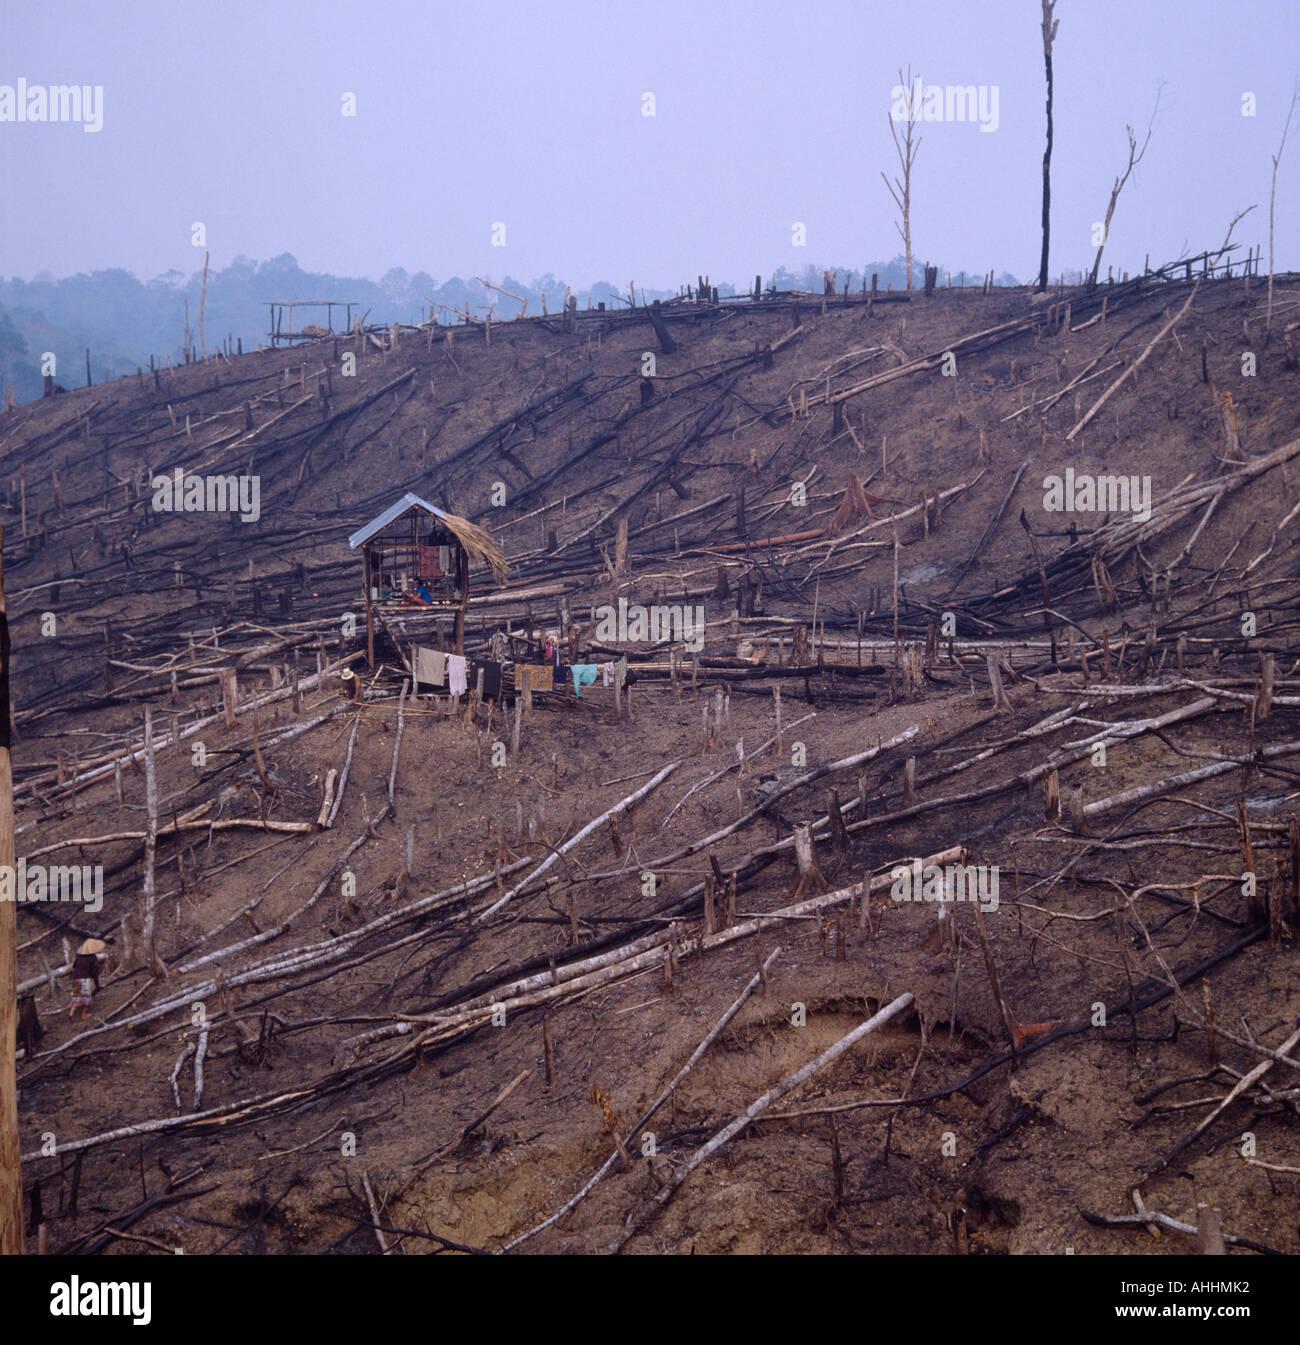 Sudeste Asiático indonesia de Sumatra la deforestación. Familia en la choza en el centro del bosque borrados recientemente. Imagen De Stock